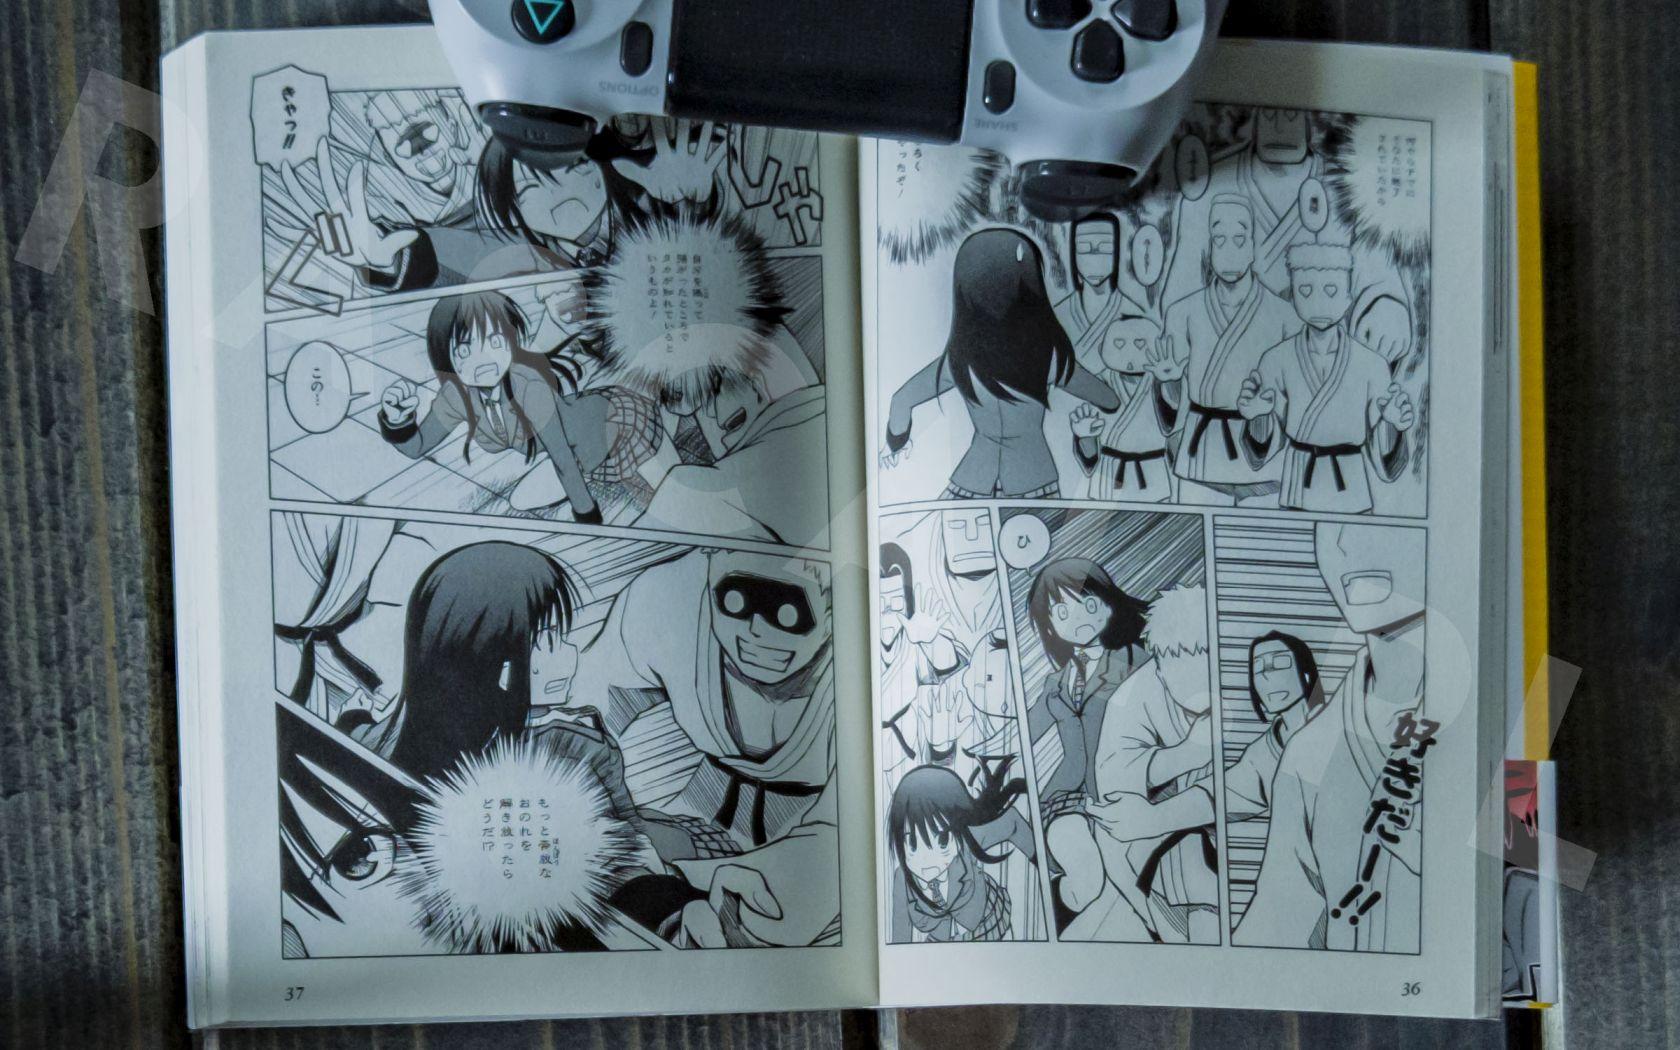 Oujo to Maou (Kari) (1-3) - Dengeki Comics - Nowości w kolekcji mangi (listopad 2020) - rascal.pl